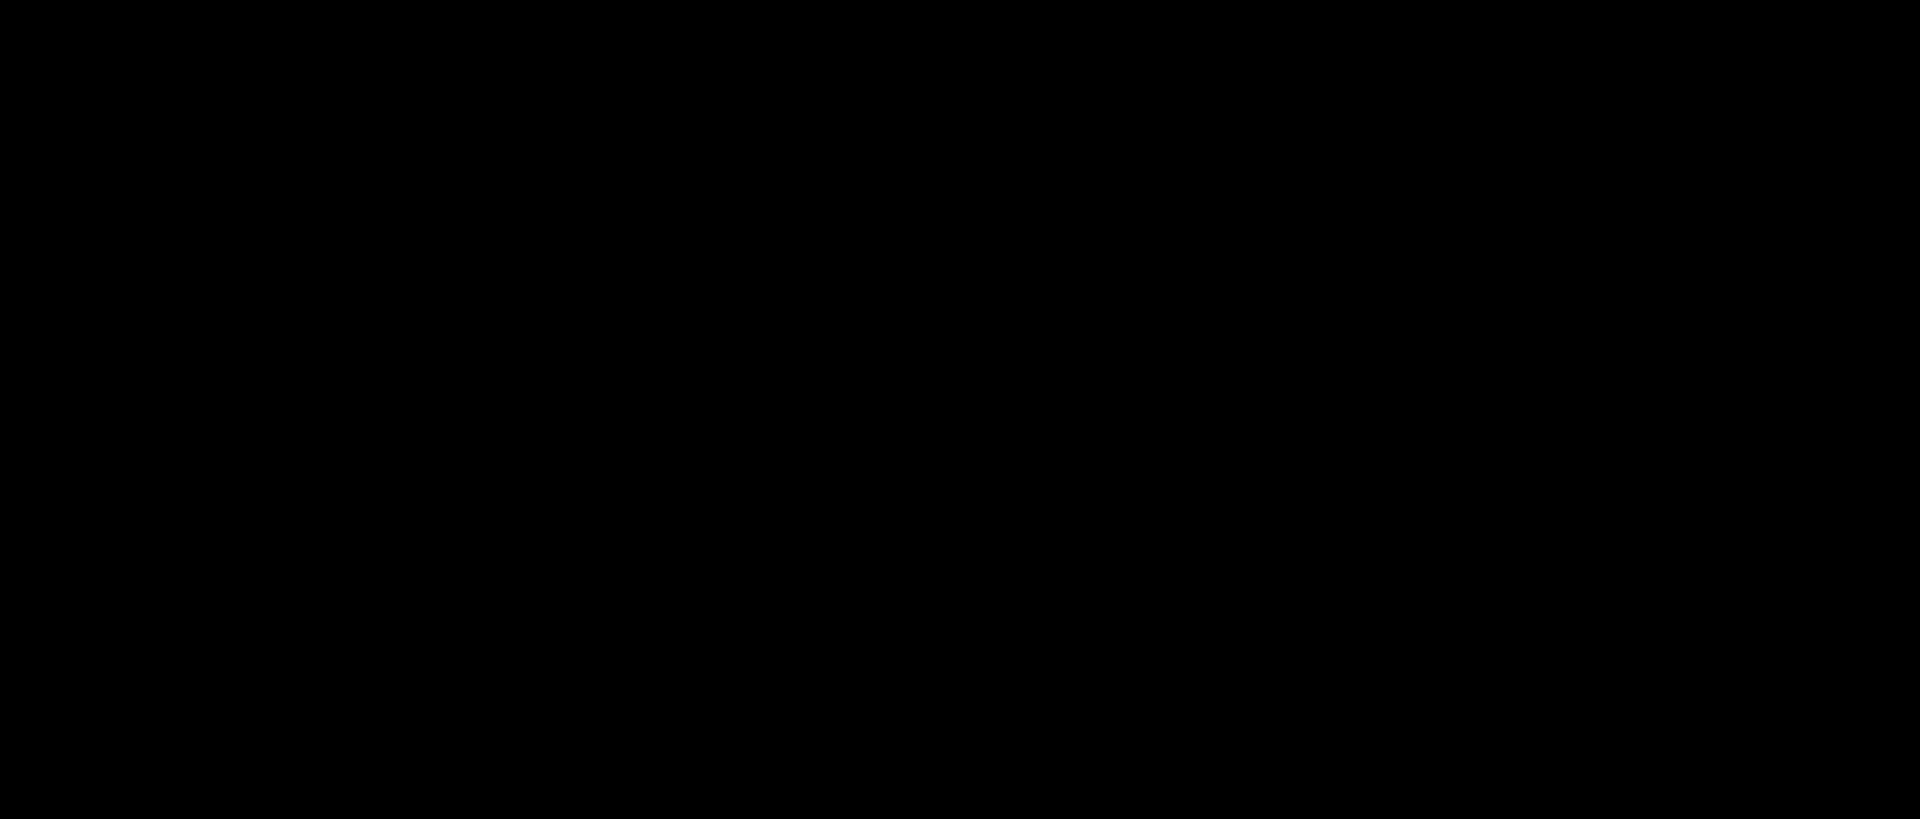 Noa Matress video